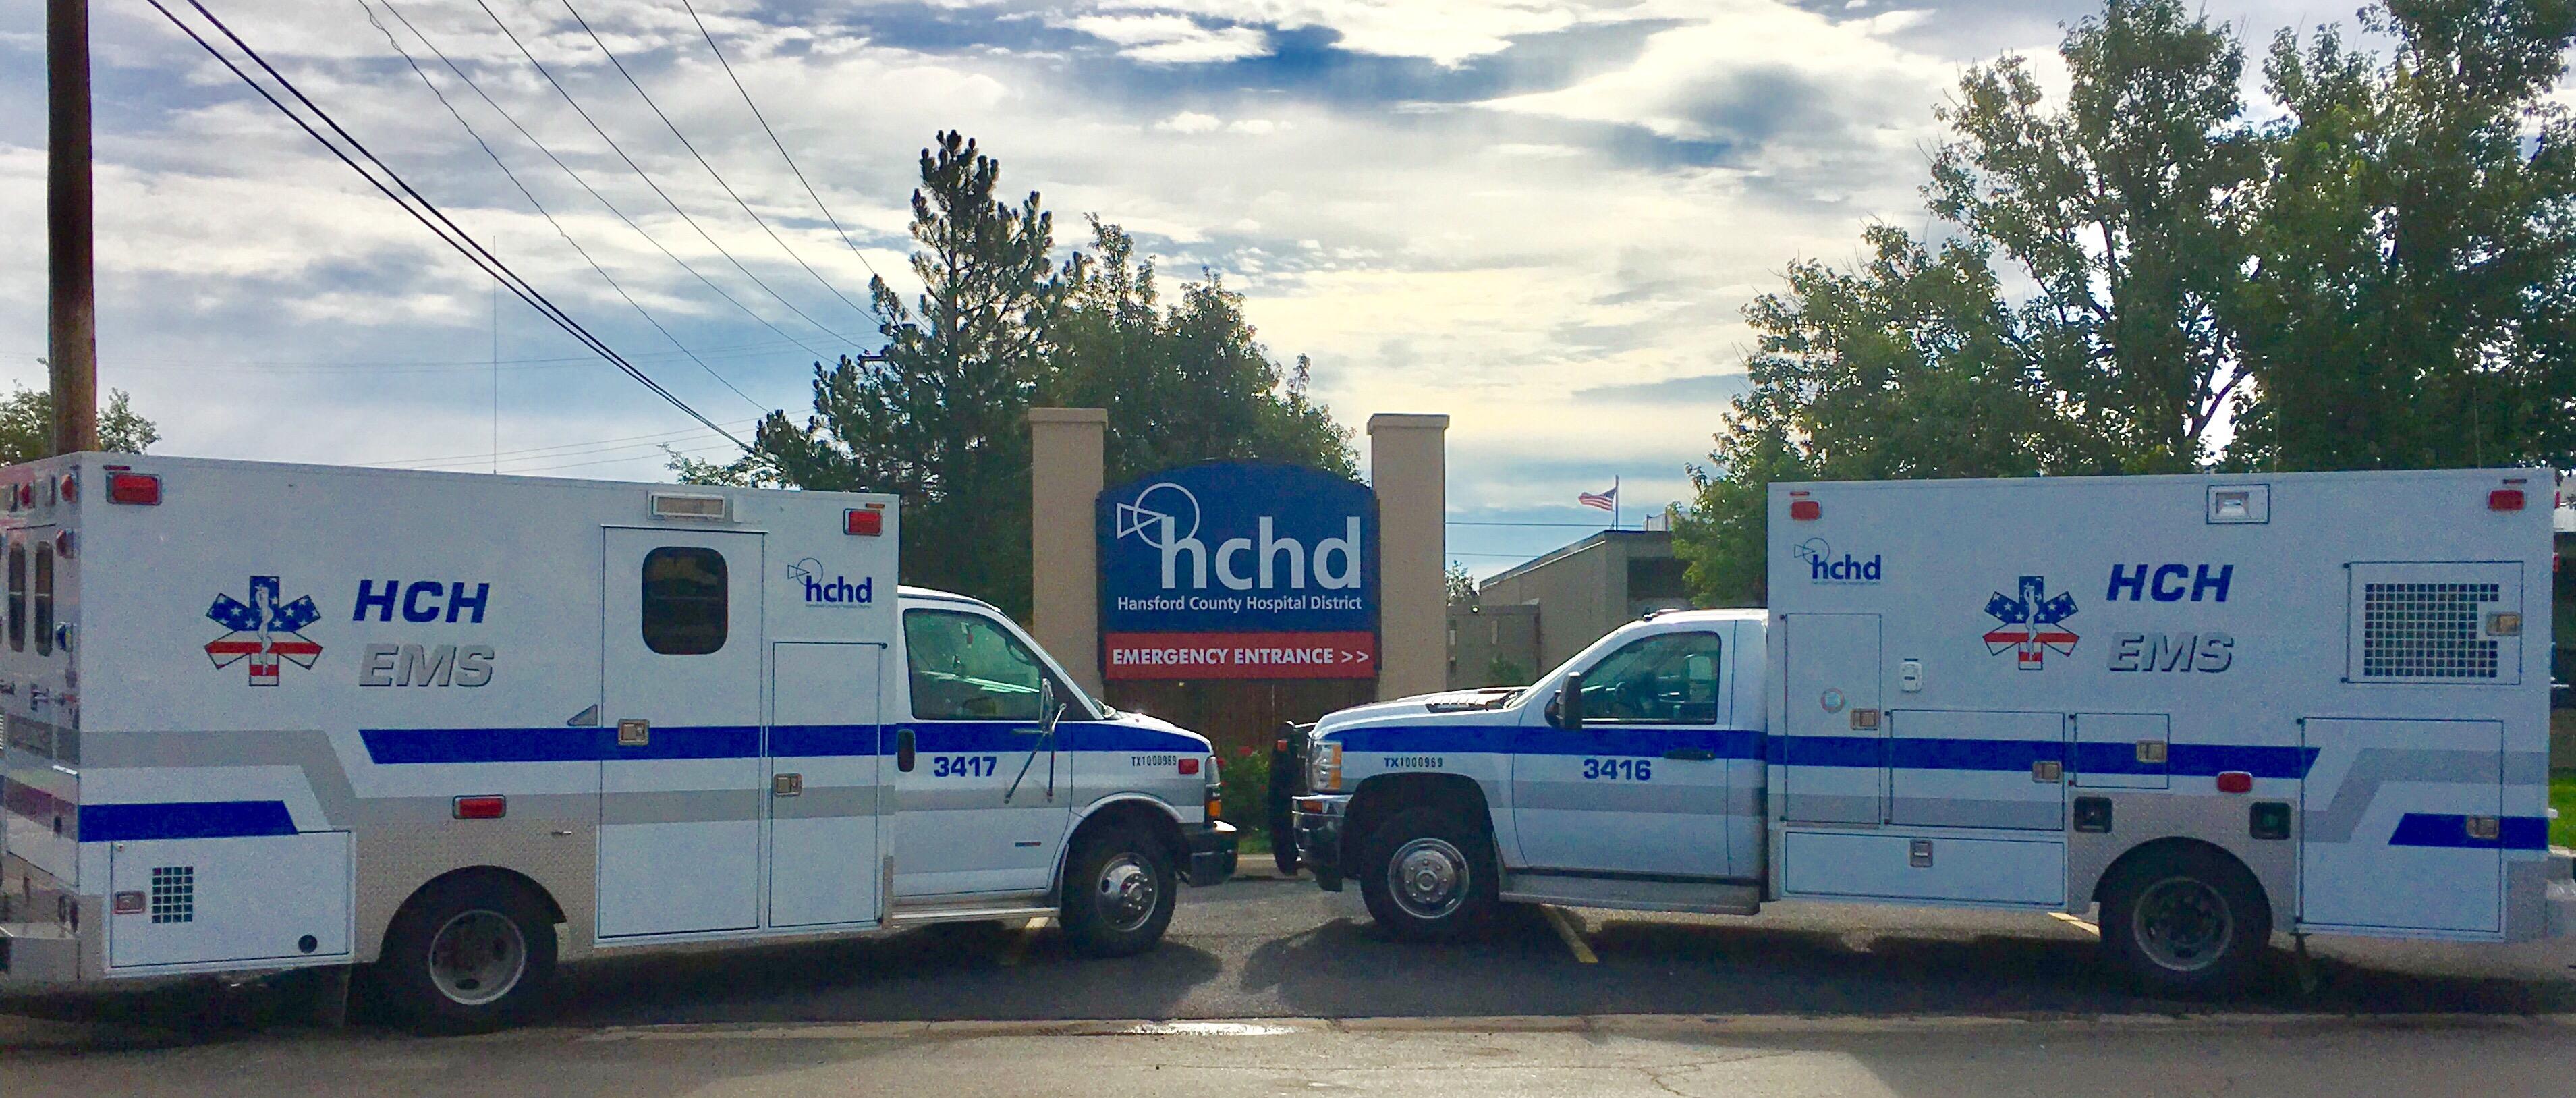 HCHD EMS